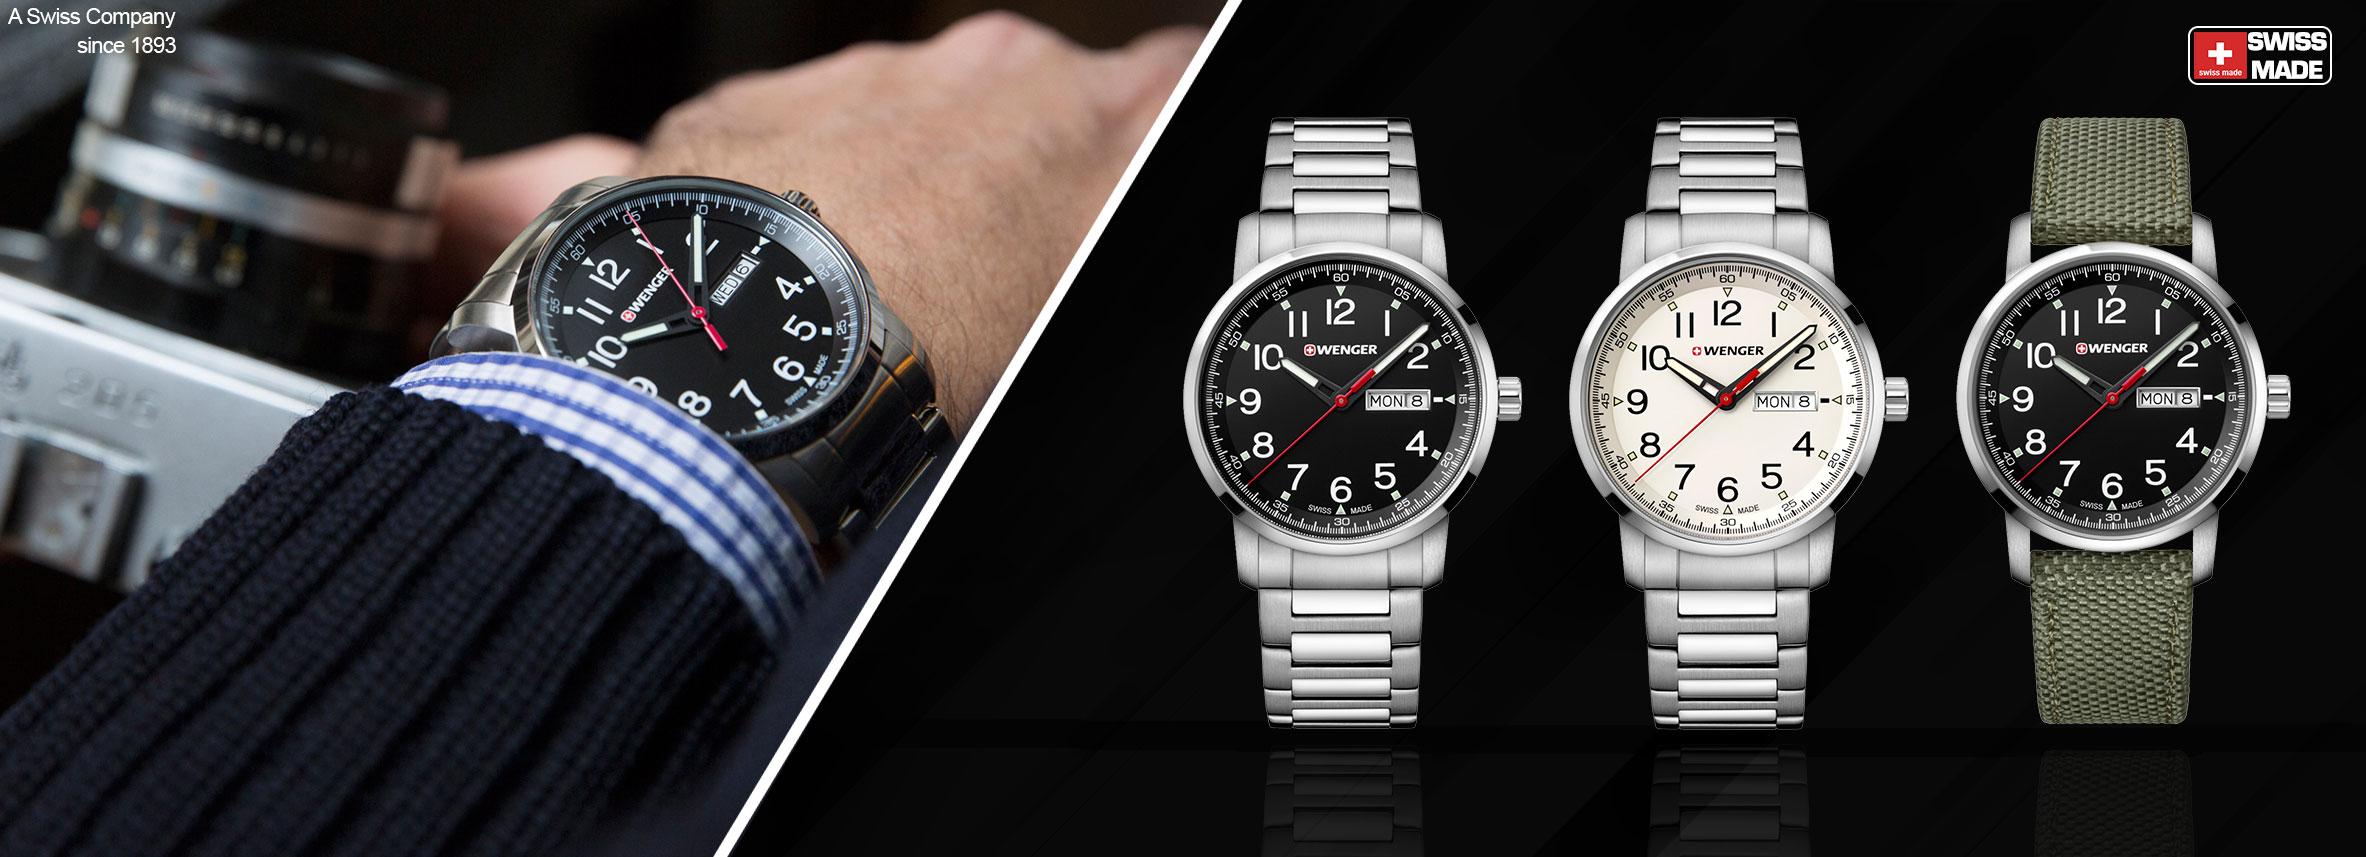 Mua đồng hồ cao cấp thương hiệu Wenger tại Erawatch